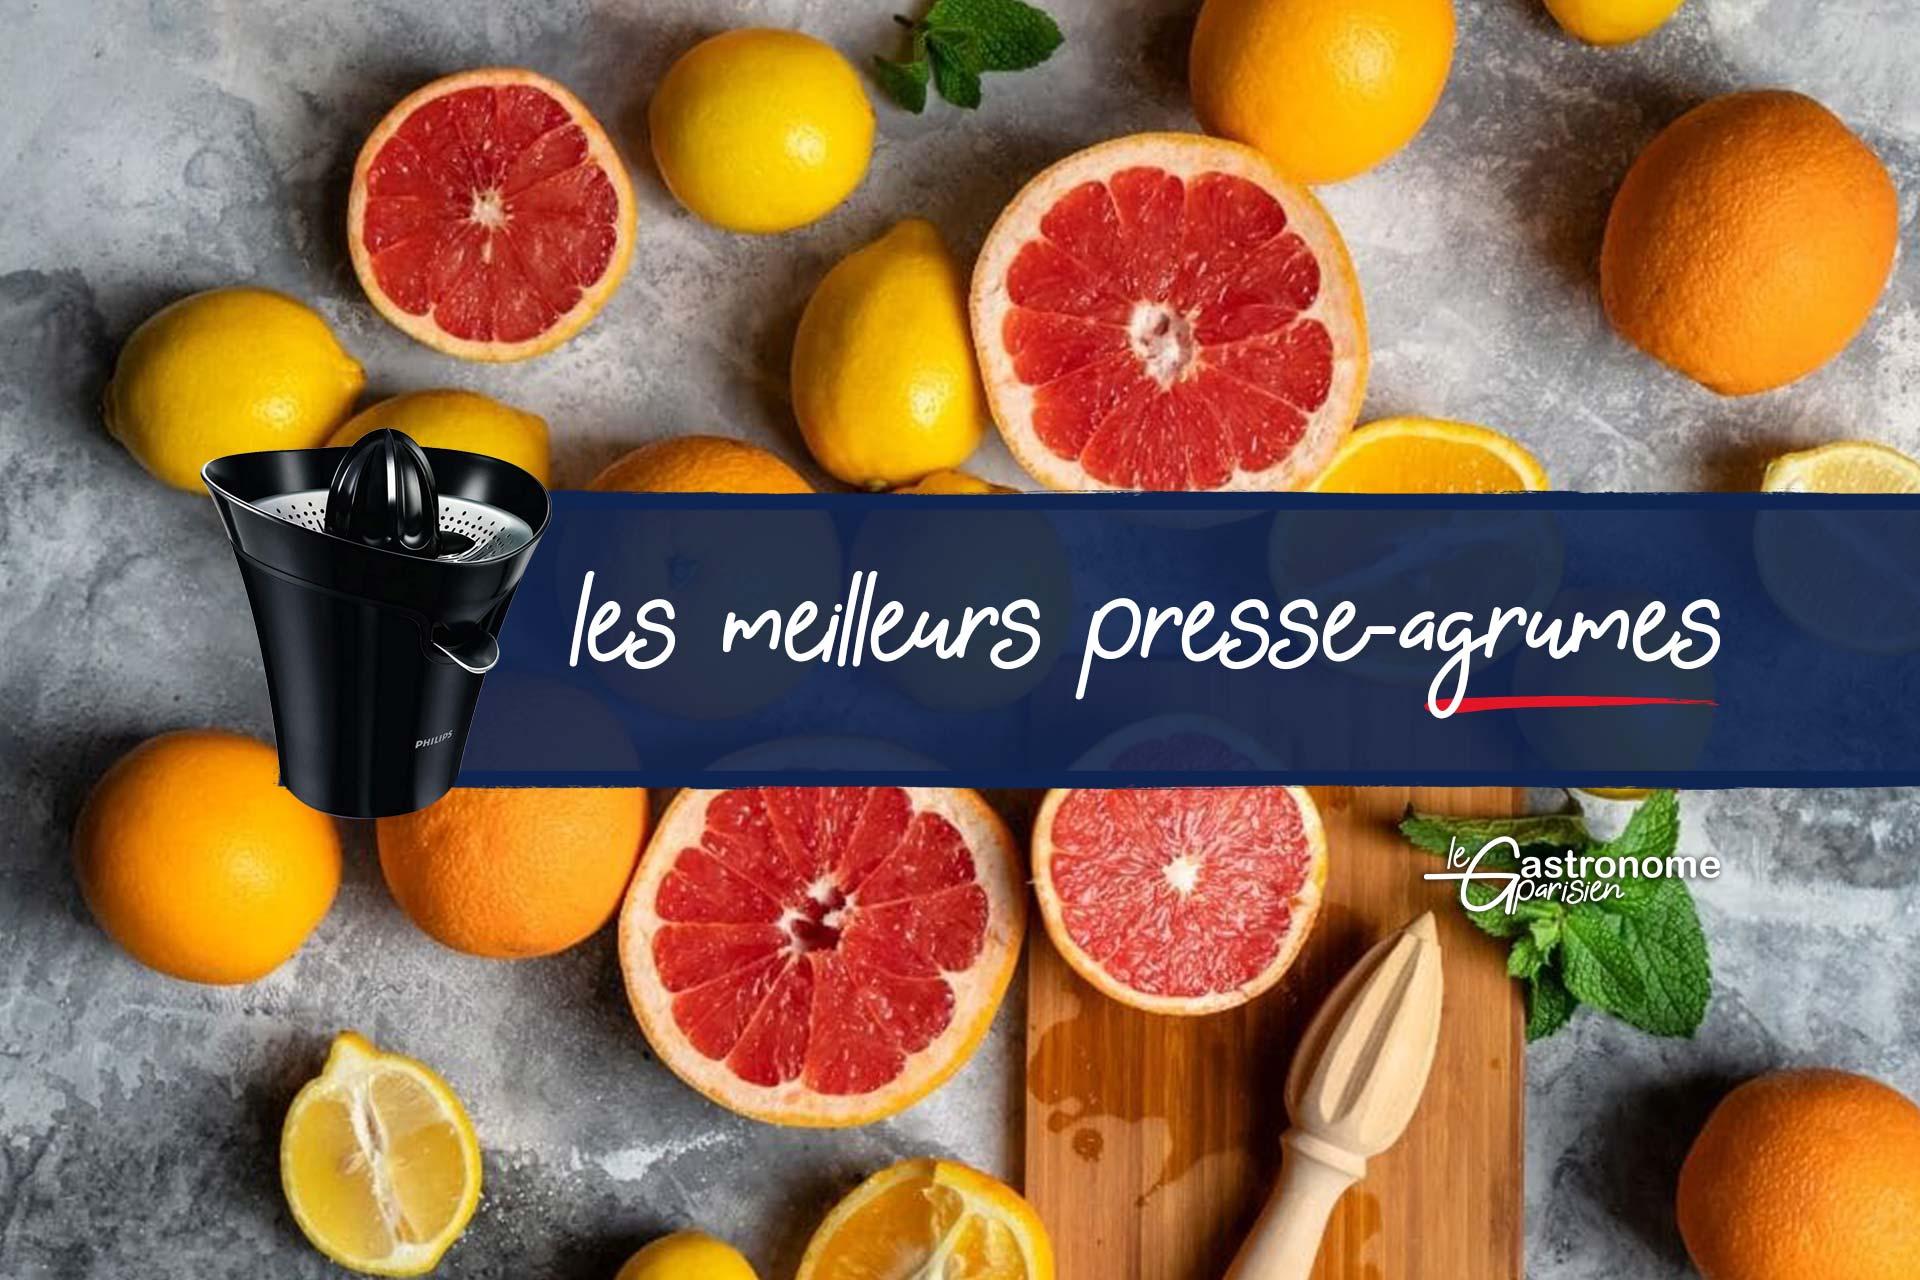 Les meilleurs presse agrumes électriques Le Parisien